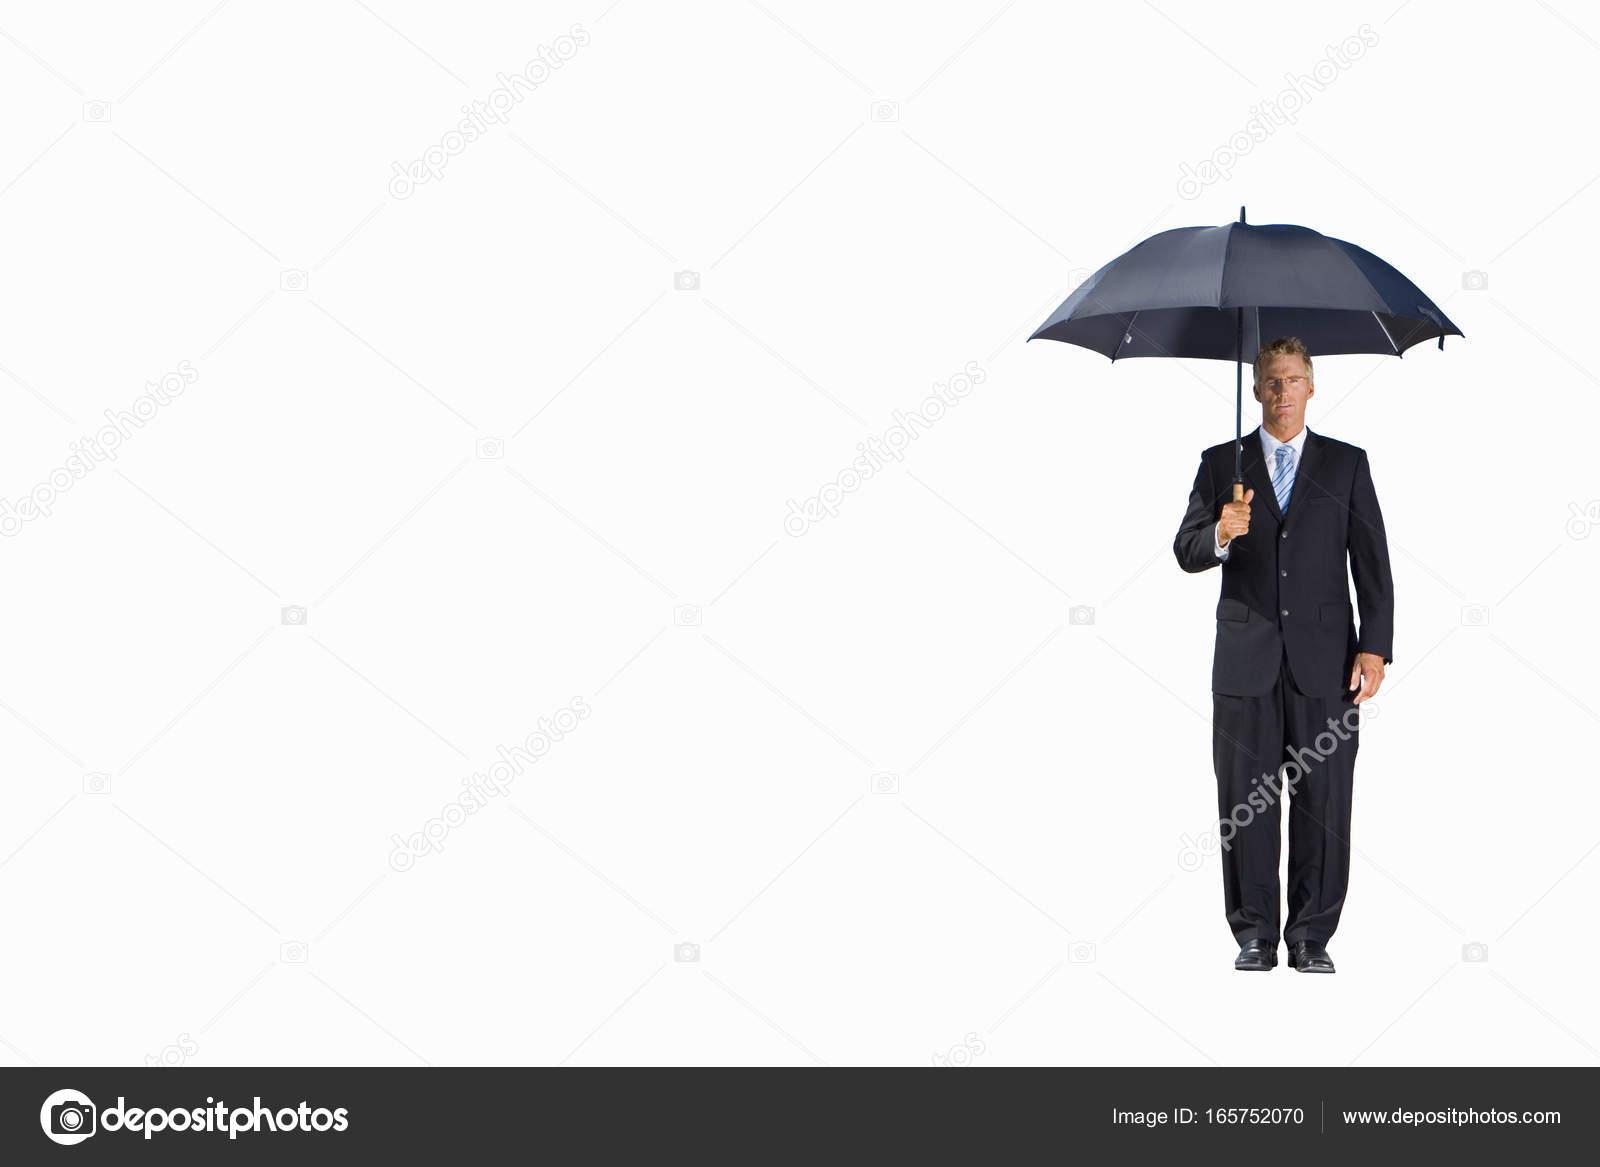 Businessman Umbrella Portrait Cut Out Stock Photo